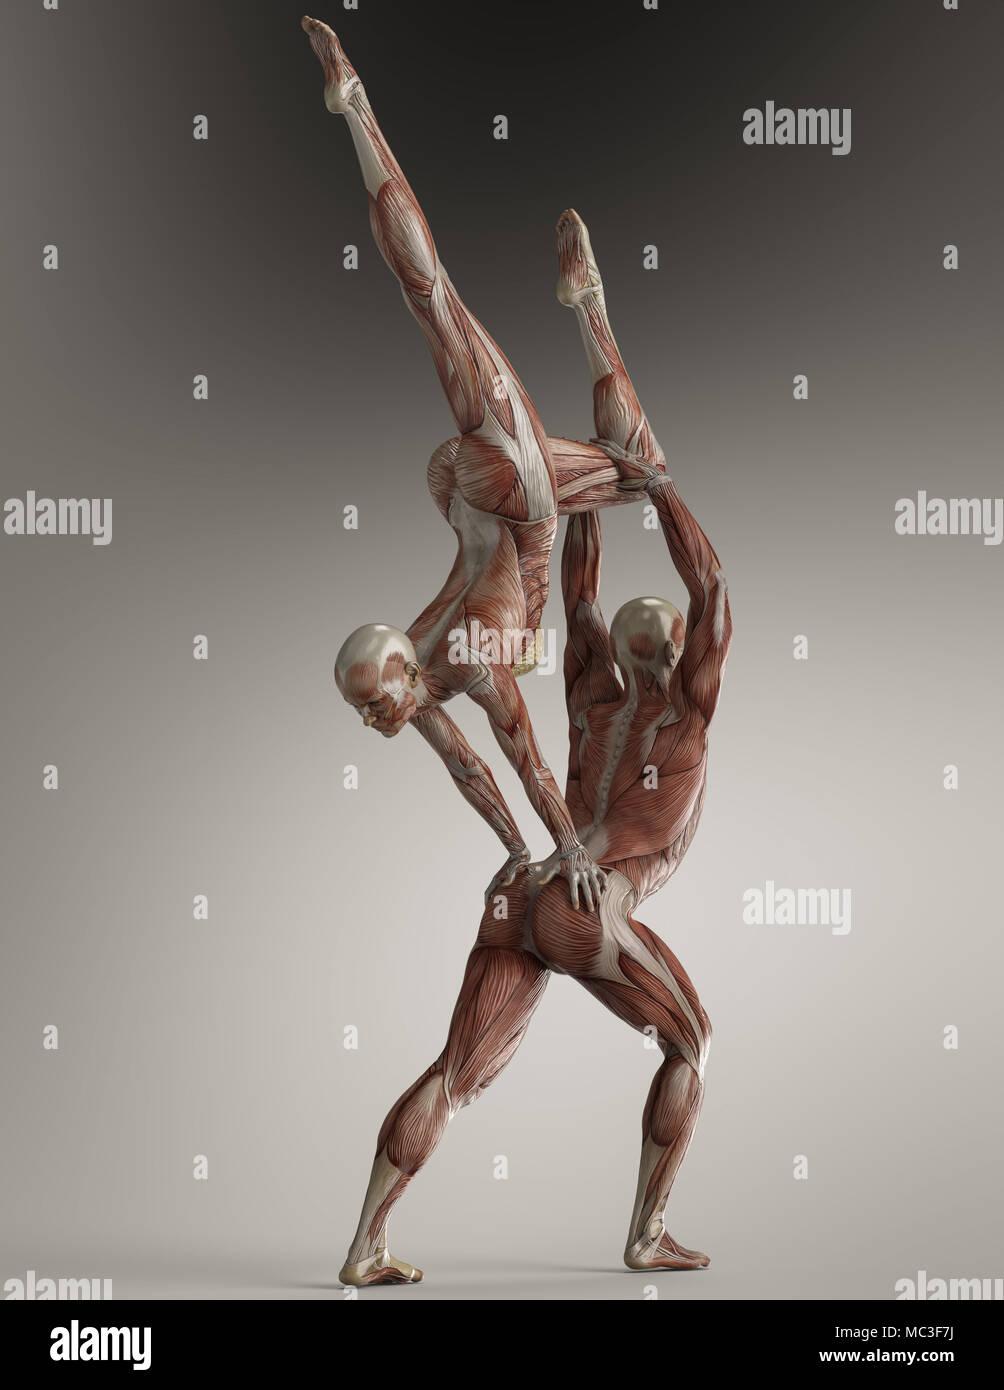 Paare yoga Pose mit männlichen und weiblichen zeigen ihre Muskel ...